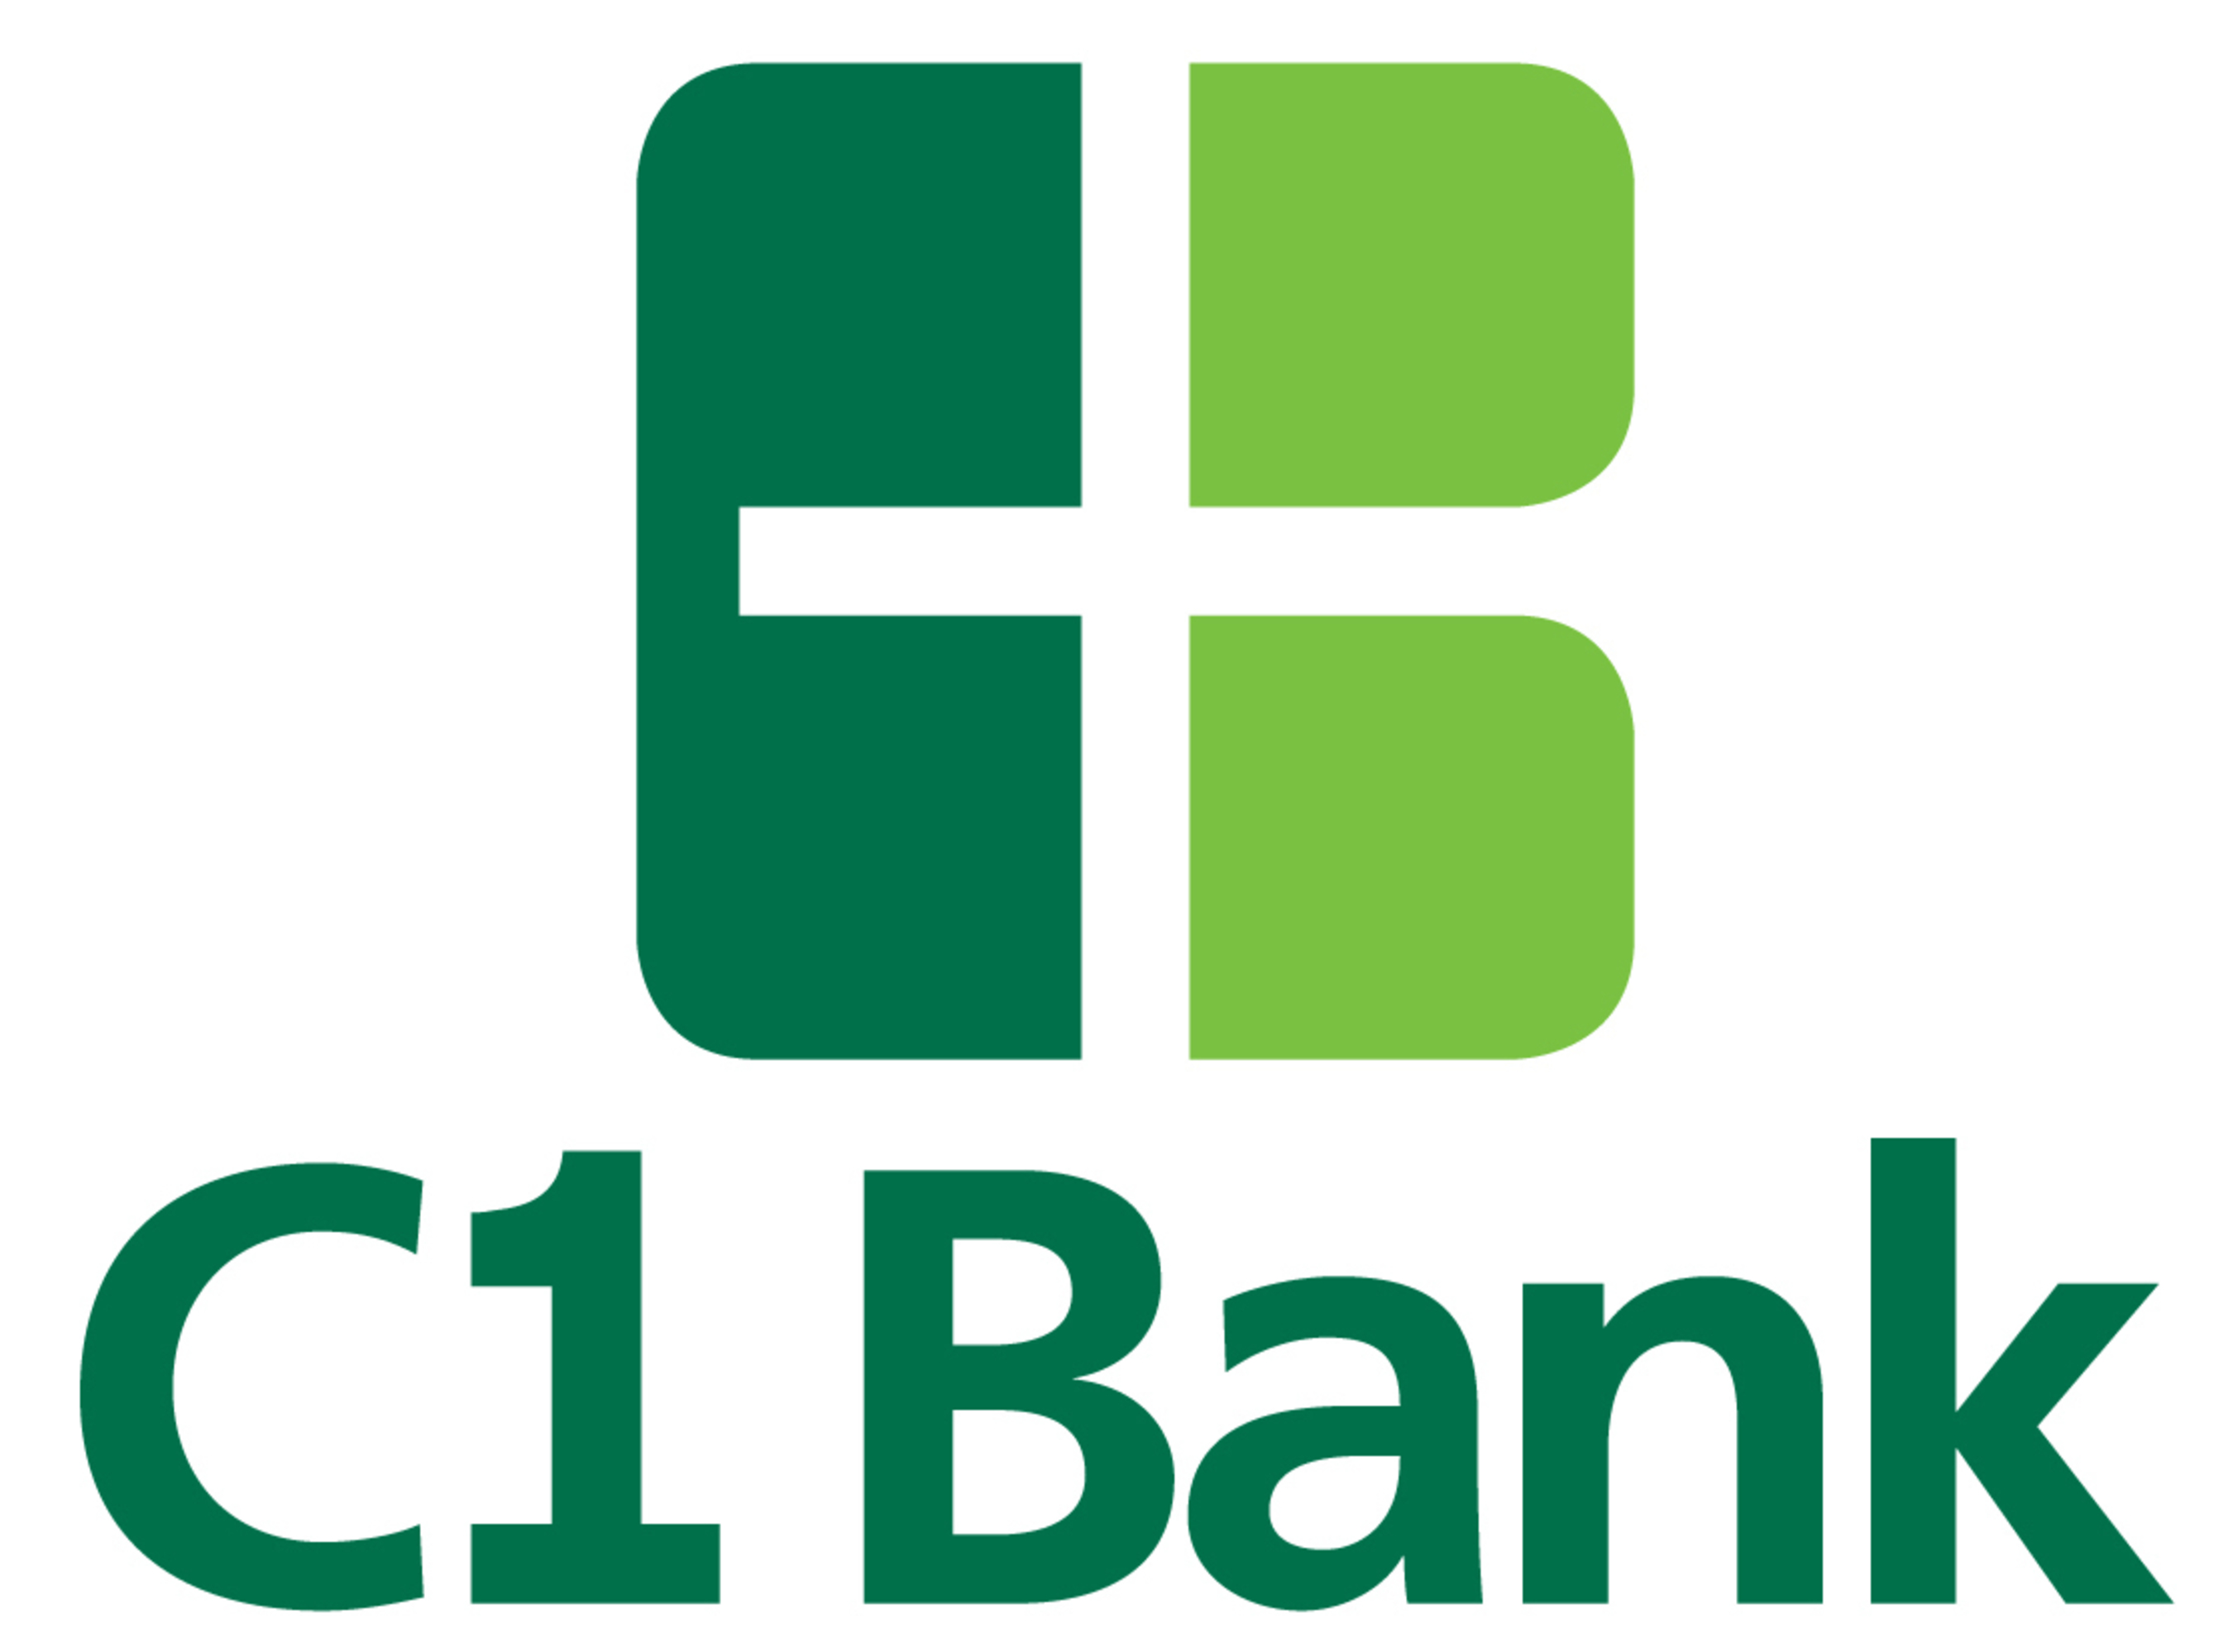 C1 Bank logo